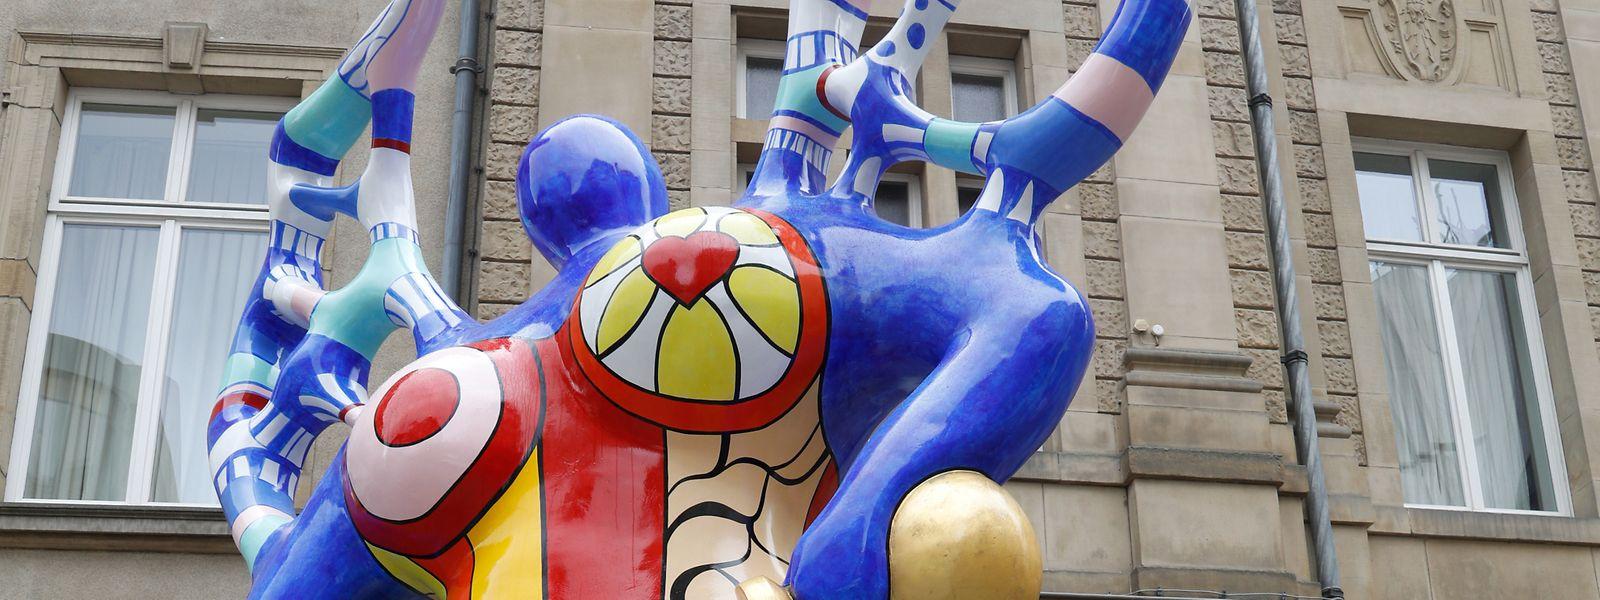 La sculpture a rejoint son emplacement originel au terme de huit ans d'absence.